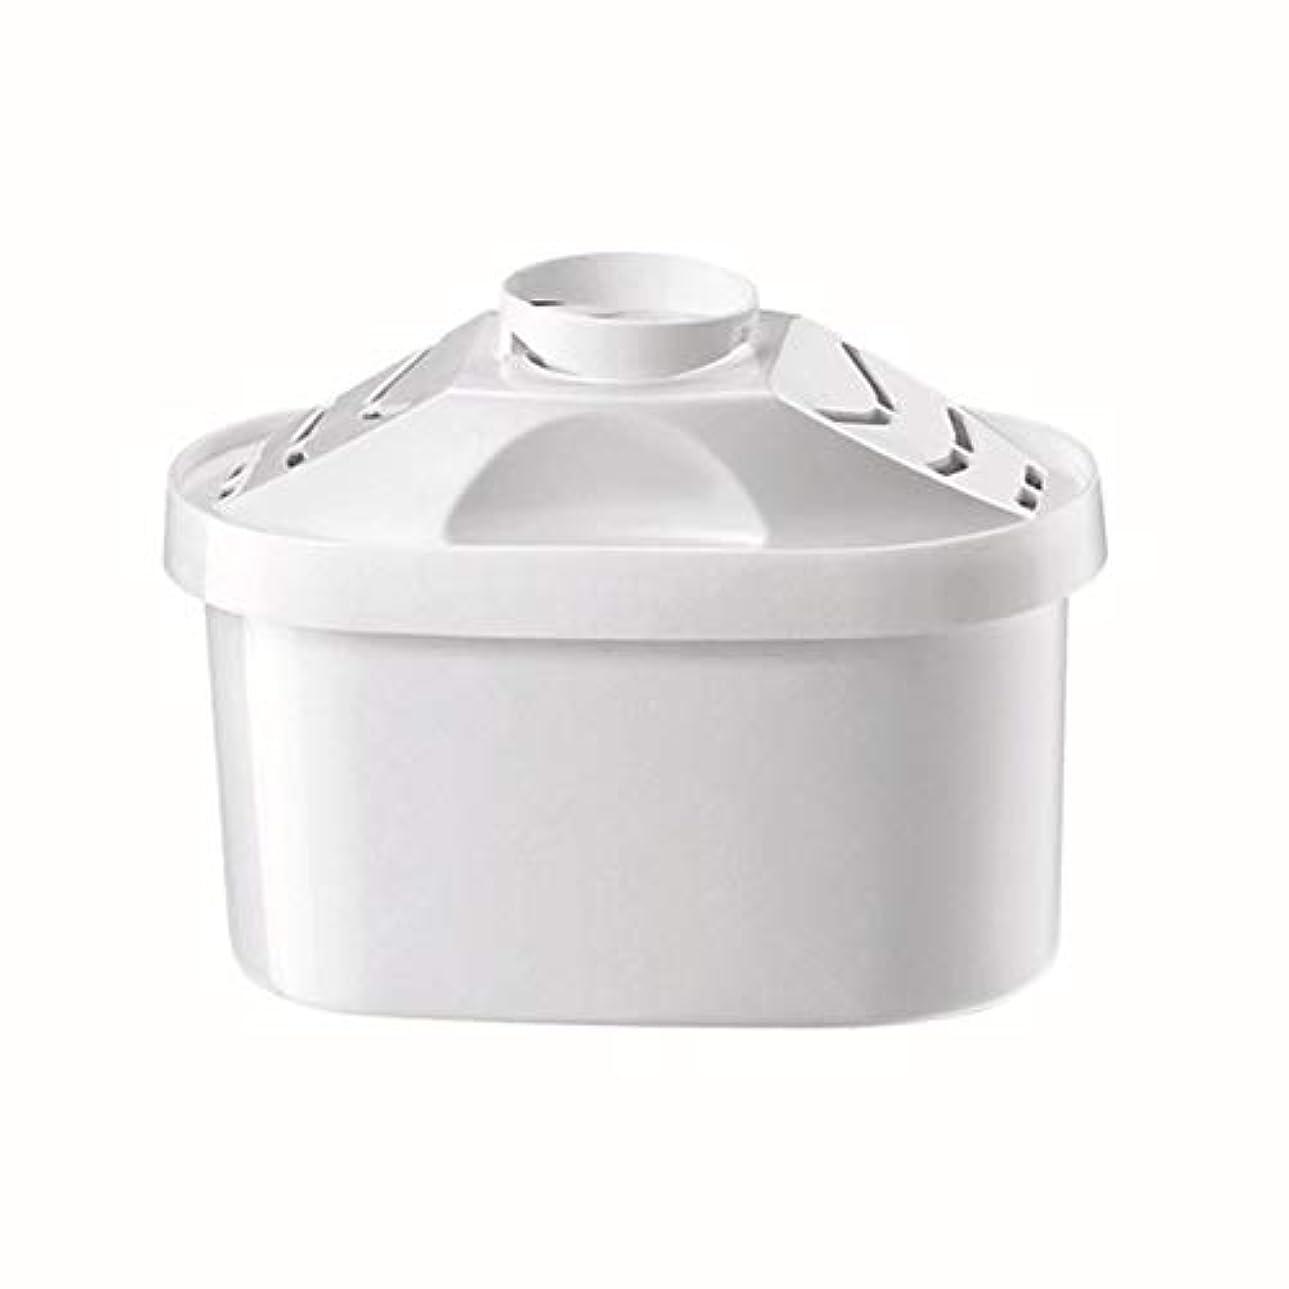 磁石パトワ評価Saikogoods ブリタの水のピッチャーのためのケトルフィルター 活性炭 水フィルターカートリッジ 健康的なクリーンデバイスを 精製 白